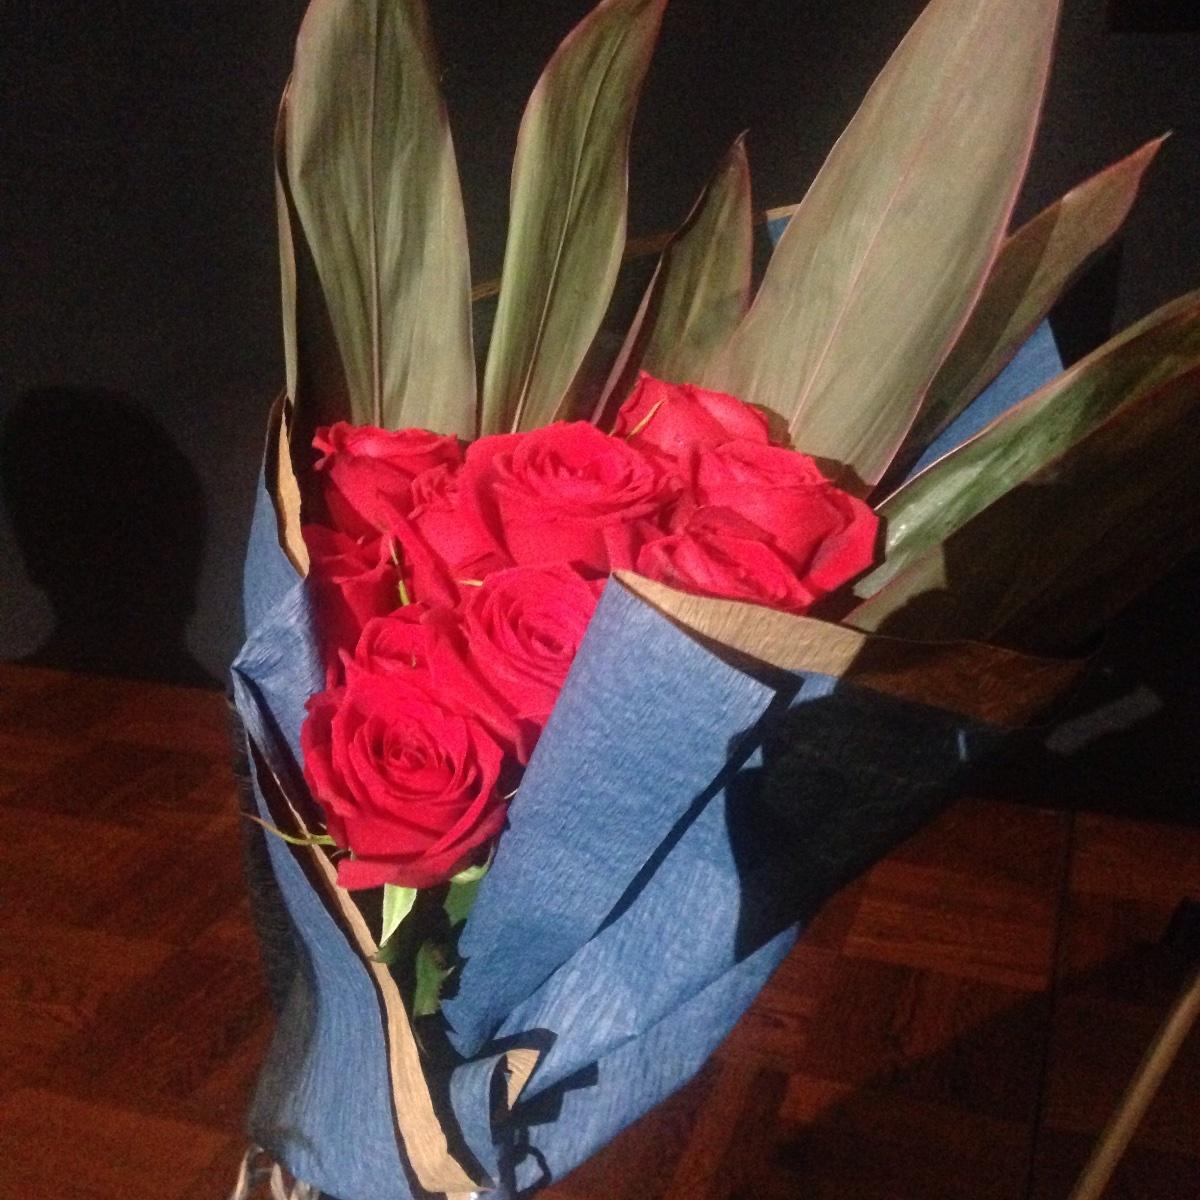 北村が手渡した花束